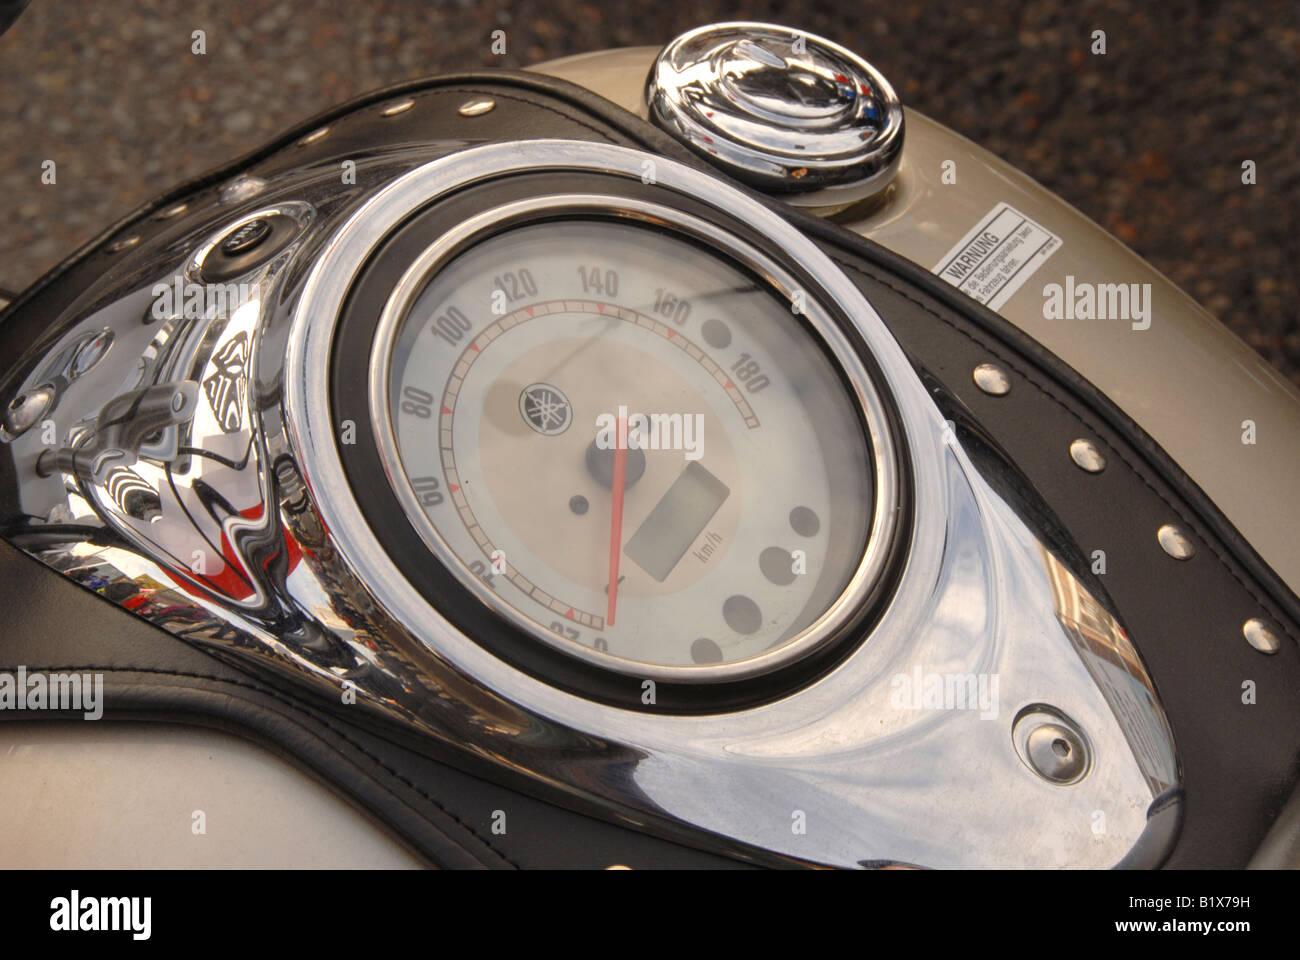 Tablero de a bordo de motocicletas Imagen De Stock